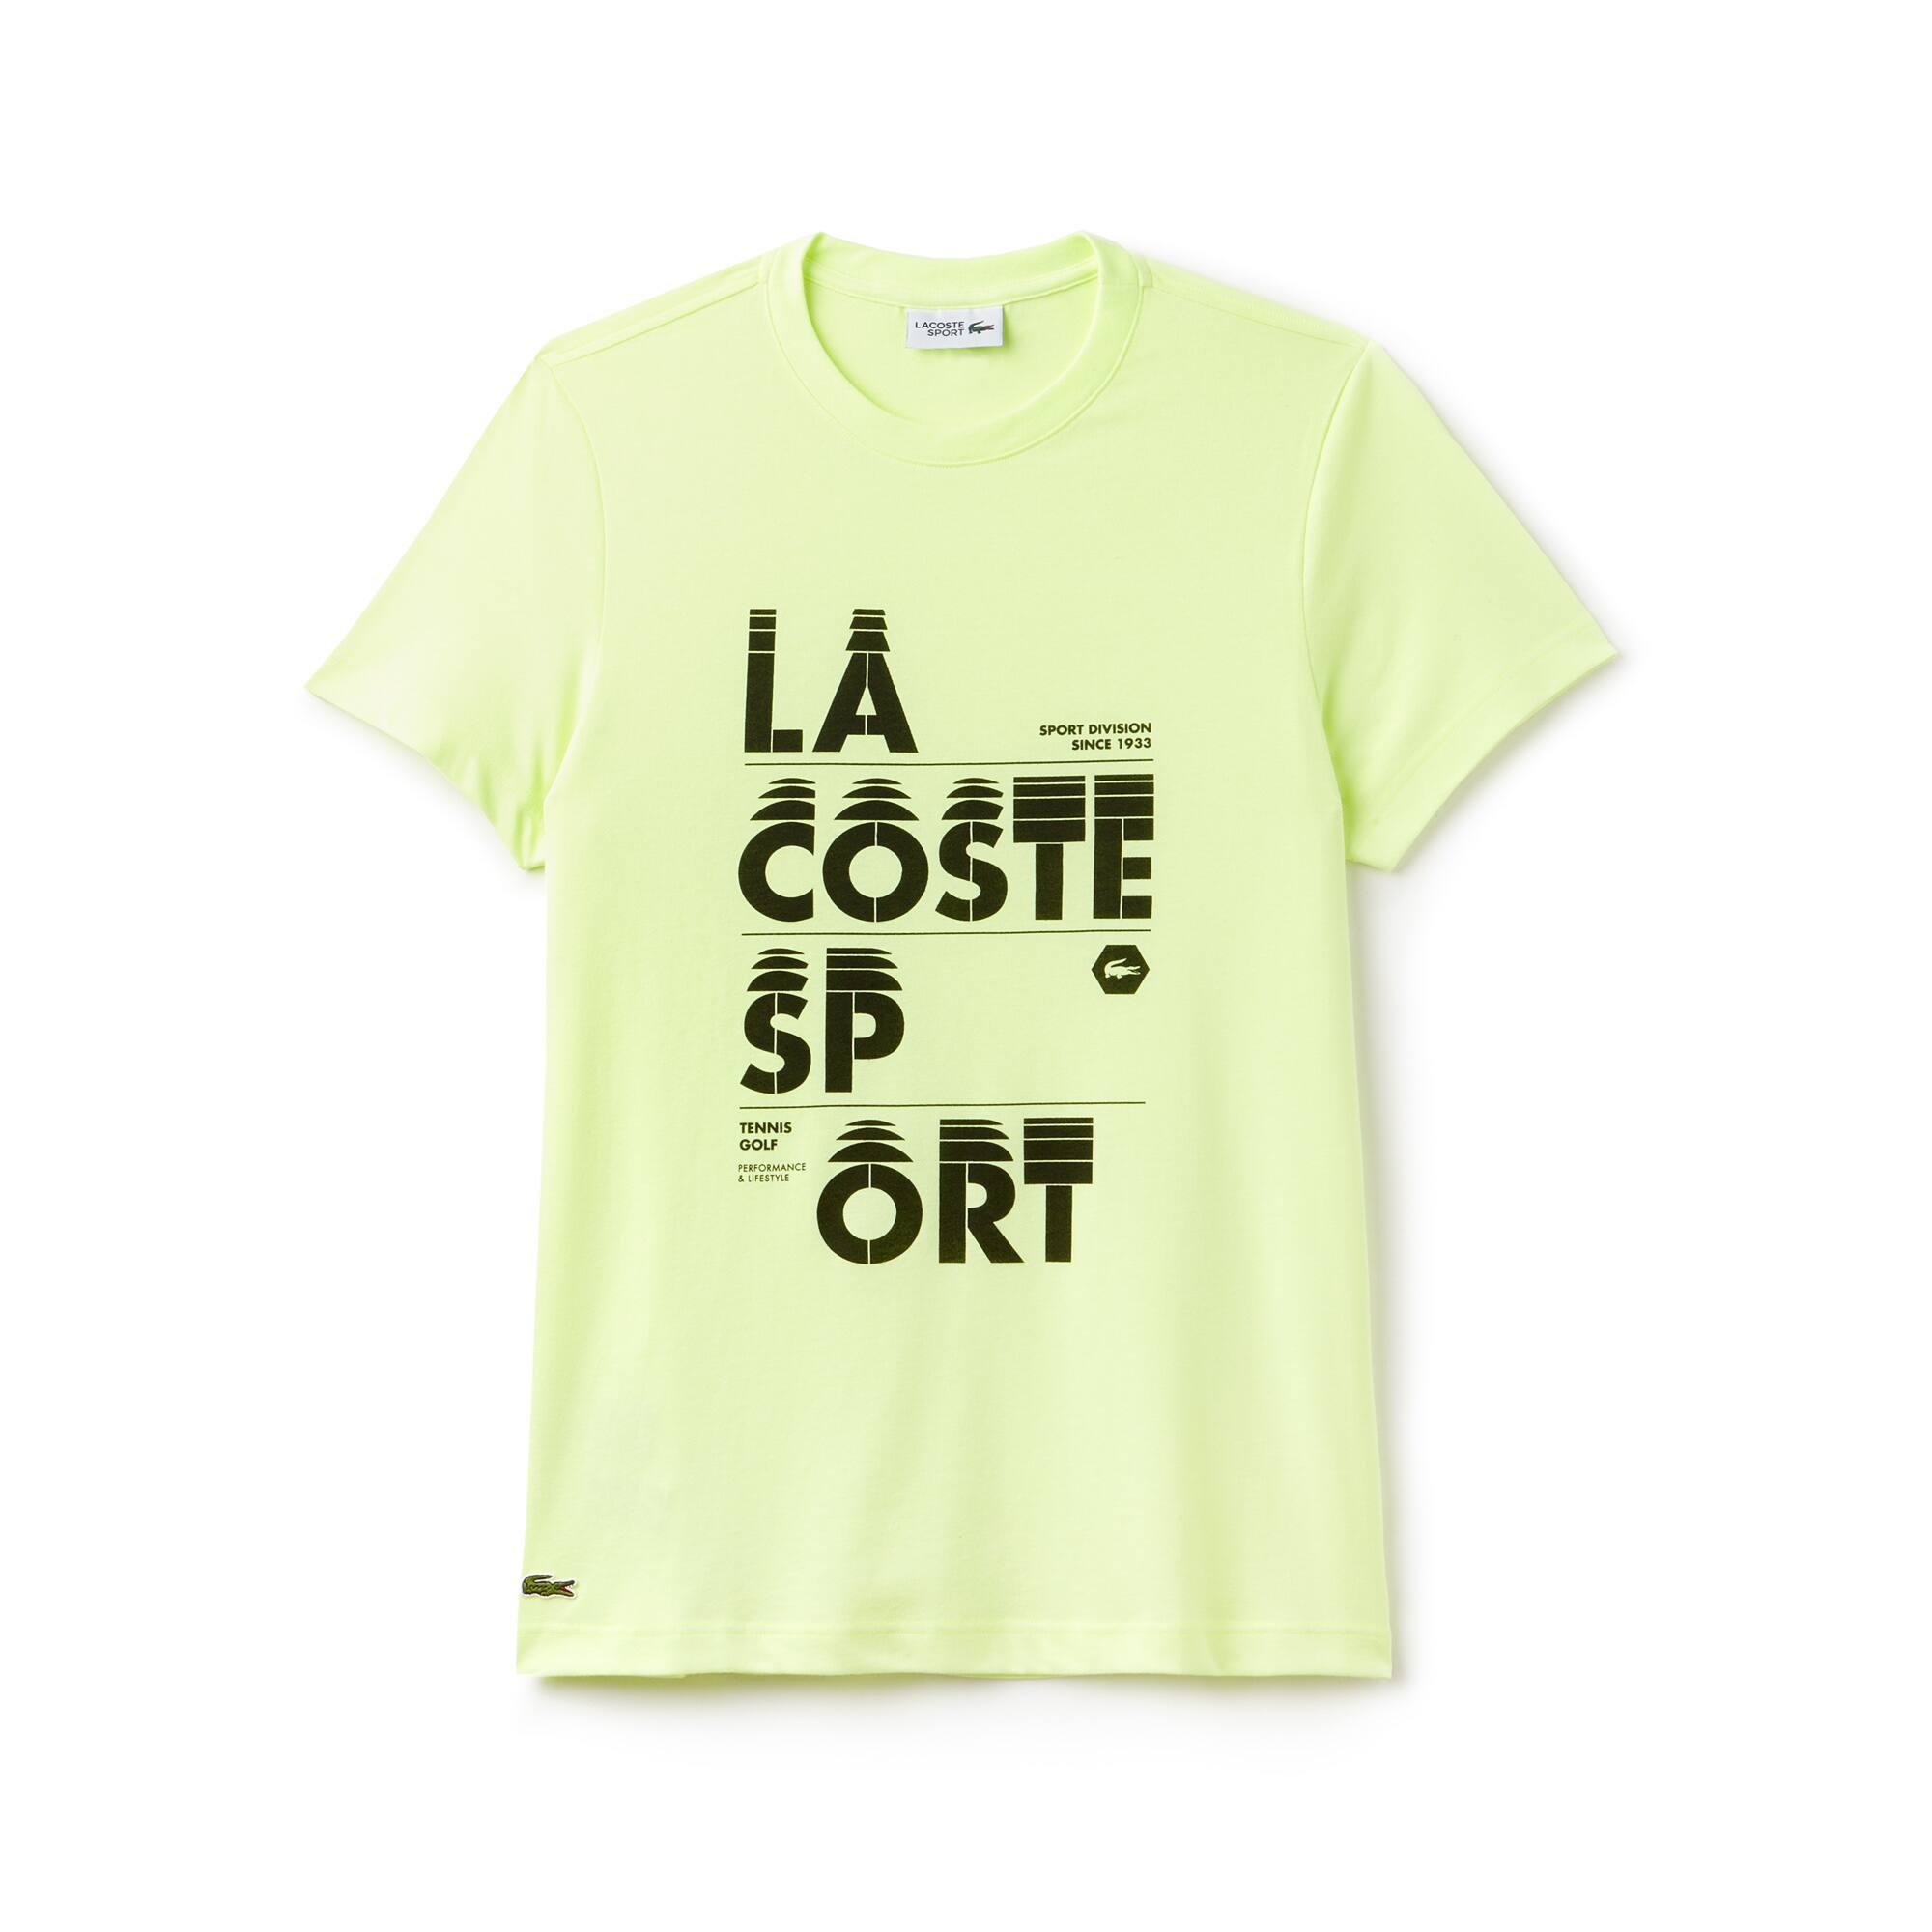 تيشيرت التنس الرجالي يحمل حروف Lacoste SPORT وبخامة جيرسي